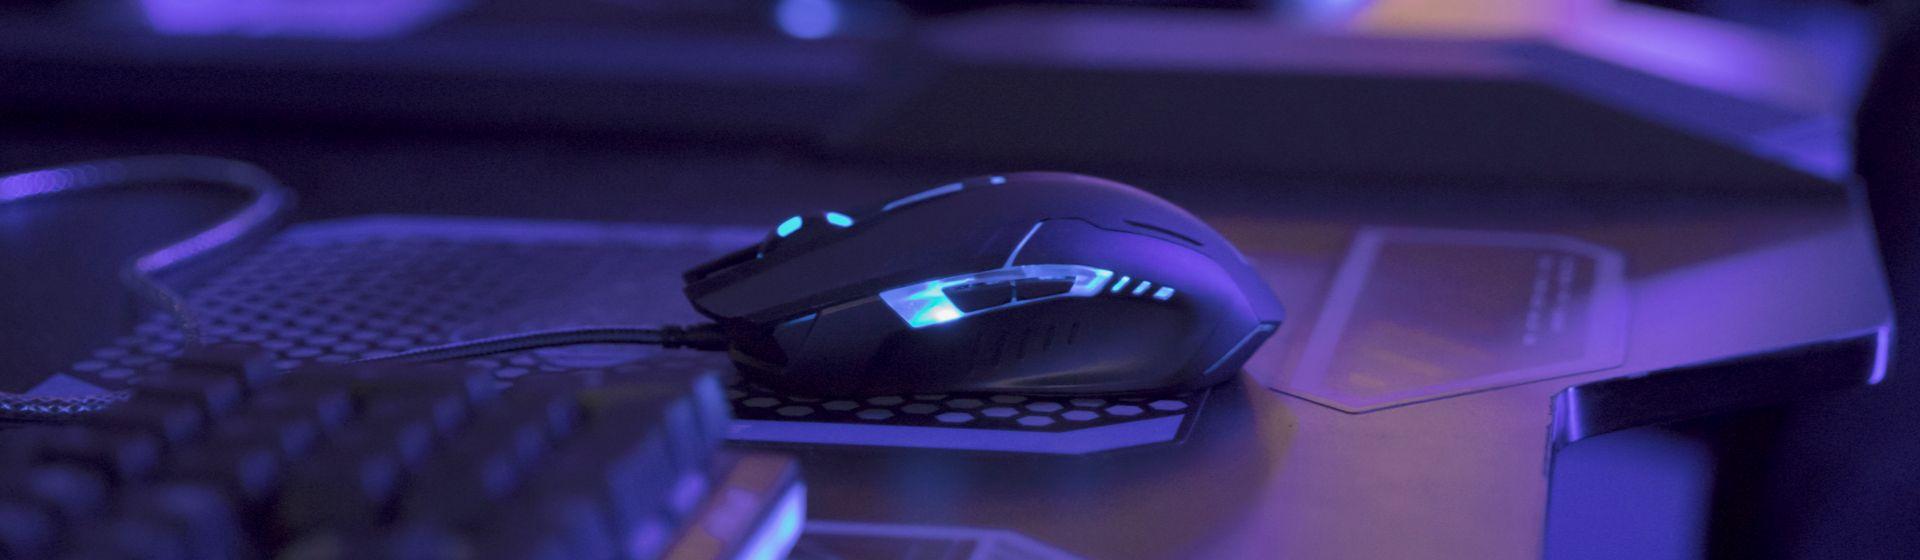 Melhor mouse gamer em 2021: 5 modelos para comprar no Brasil